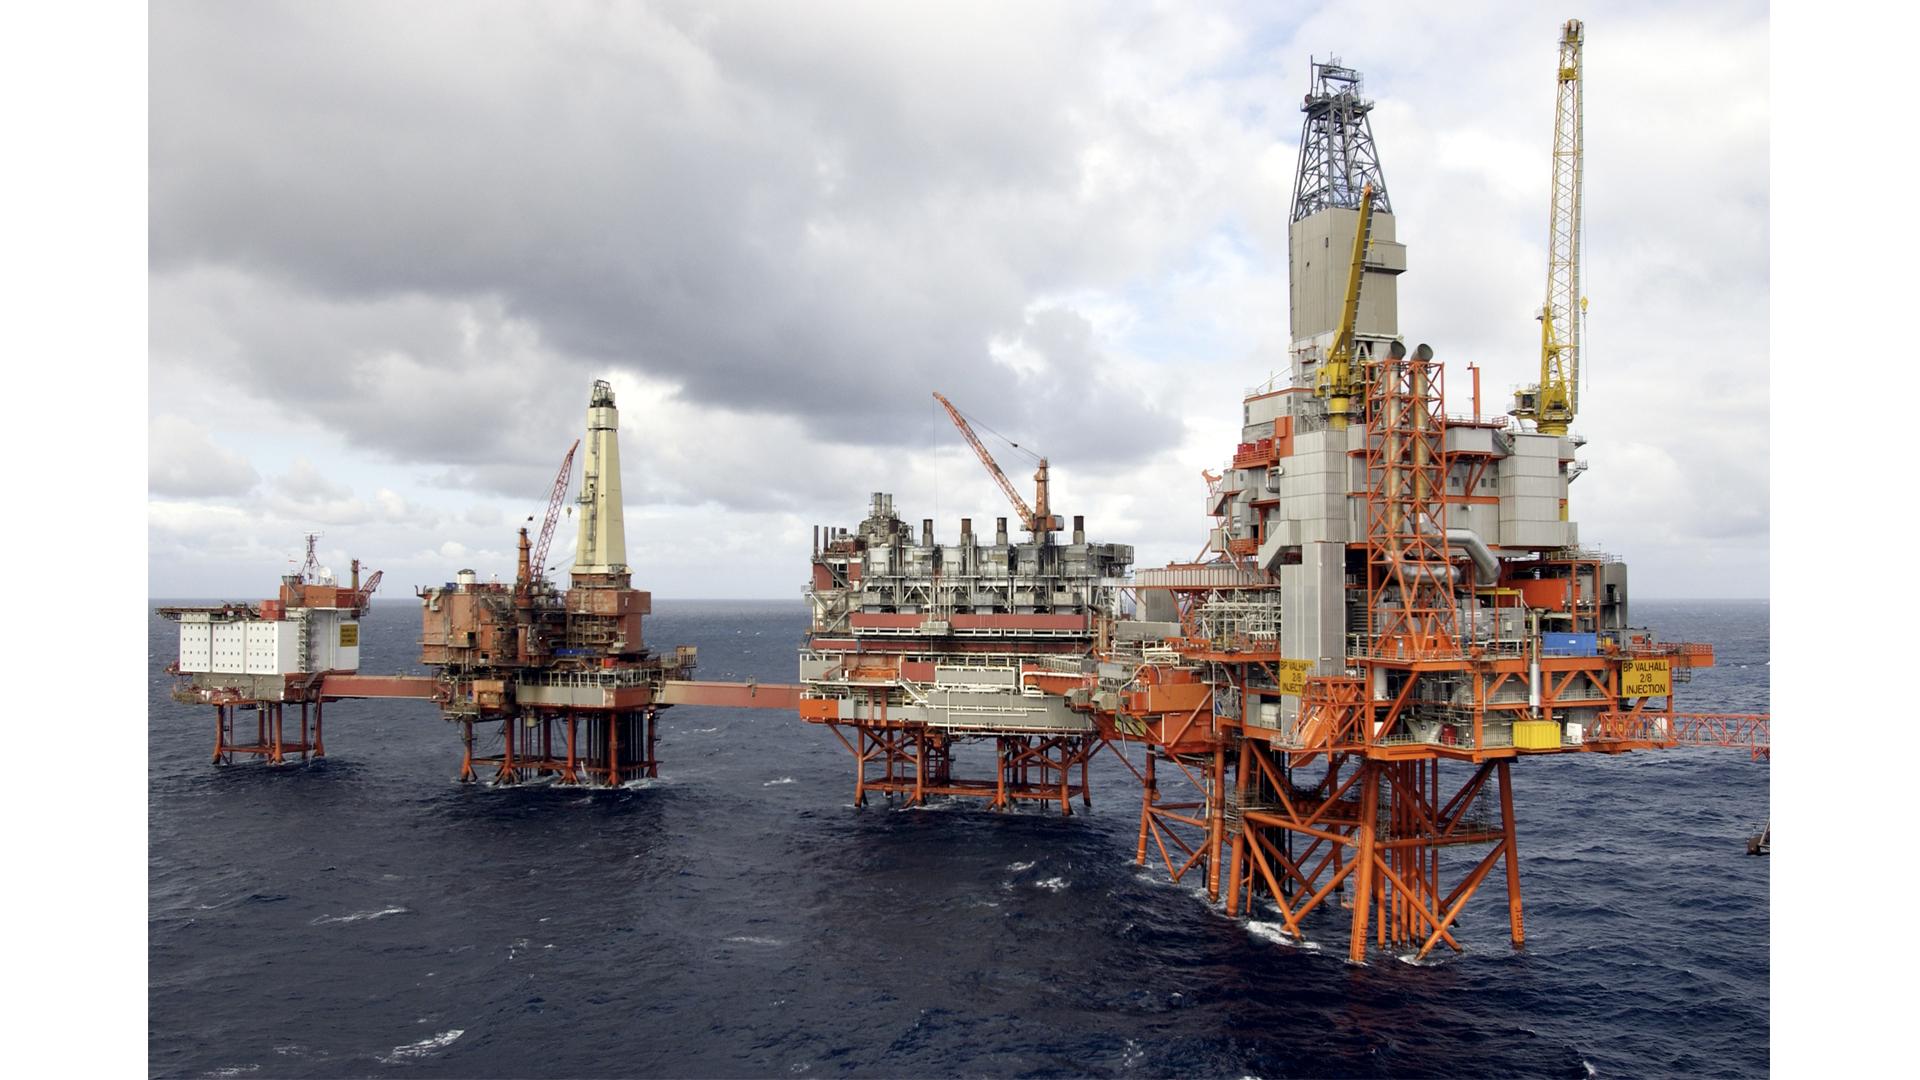 Azərbaycan neftini bölüşdürən sazişin imzalanmasının 25-ci ildönümüdür